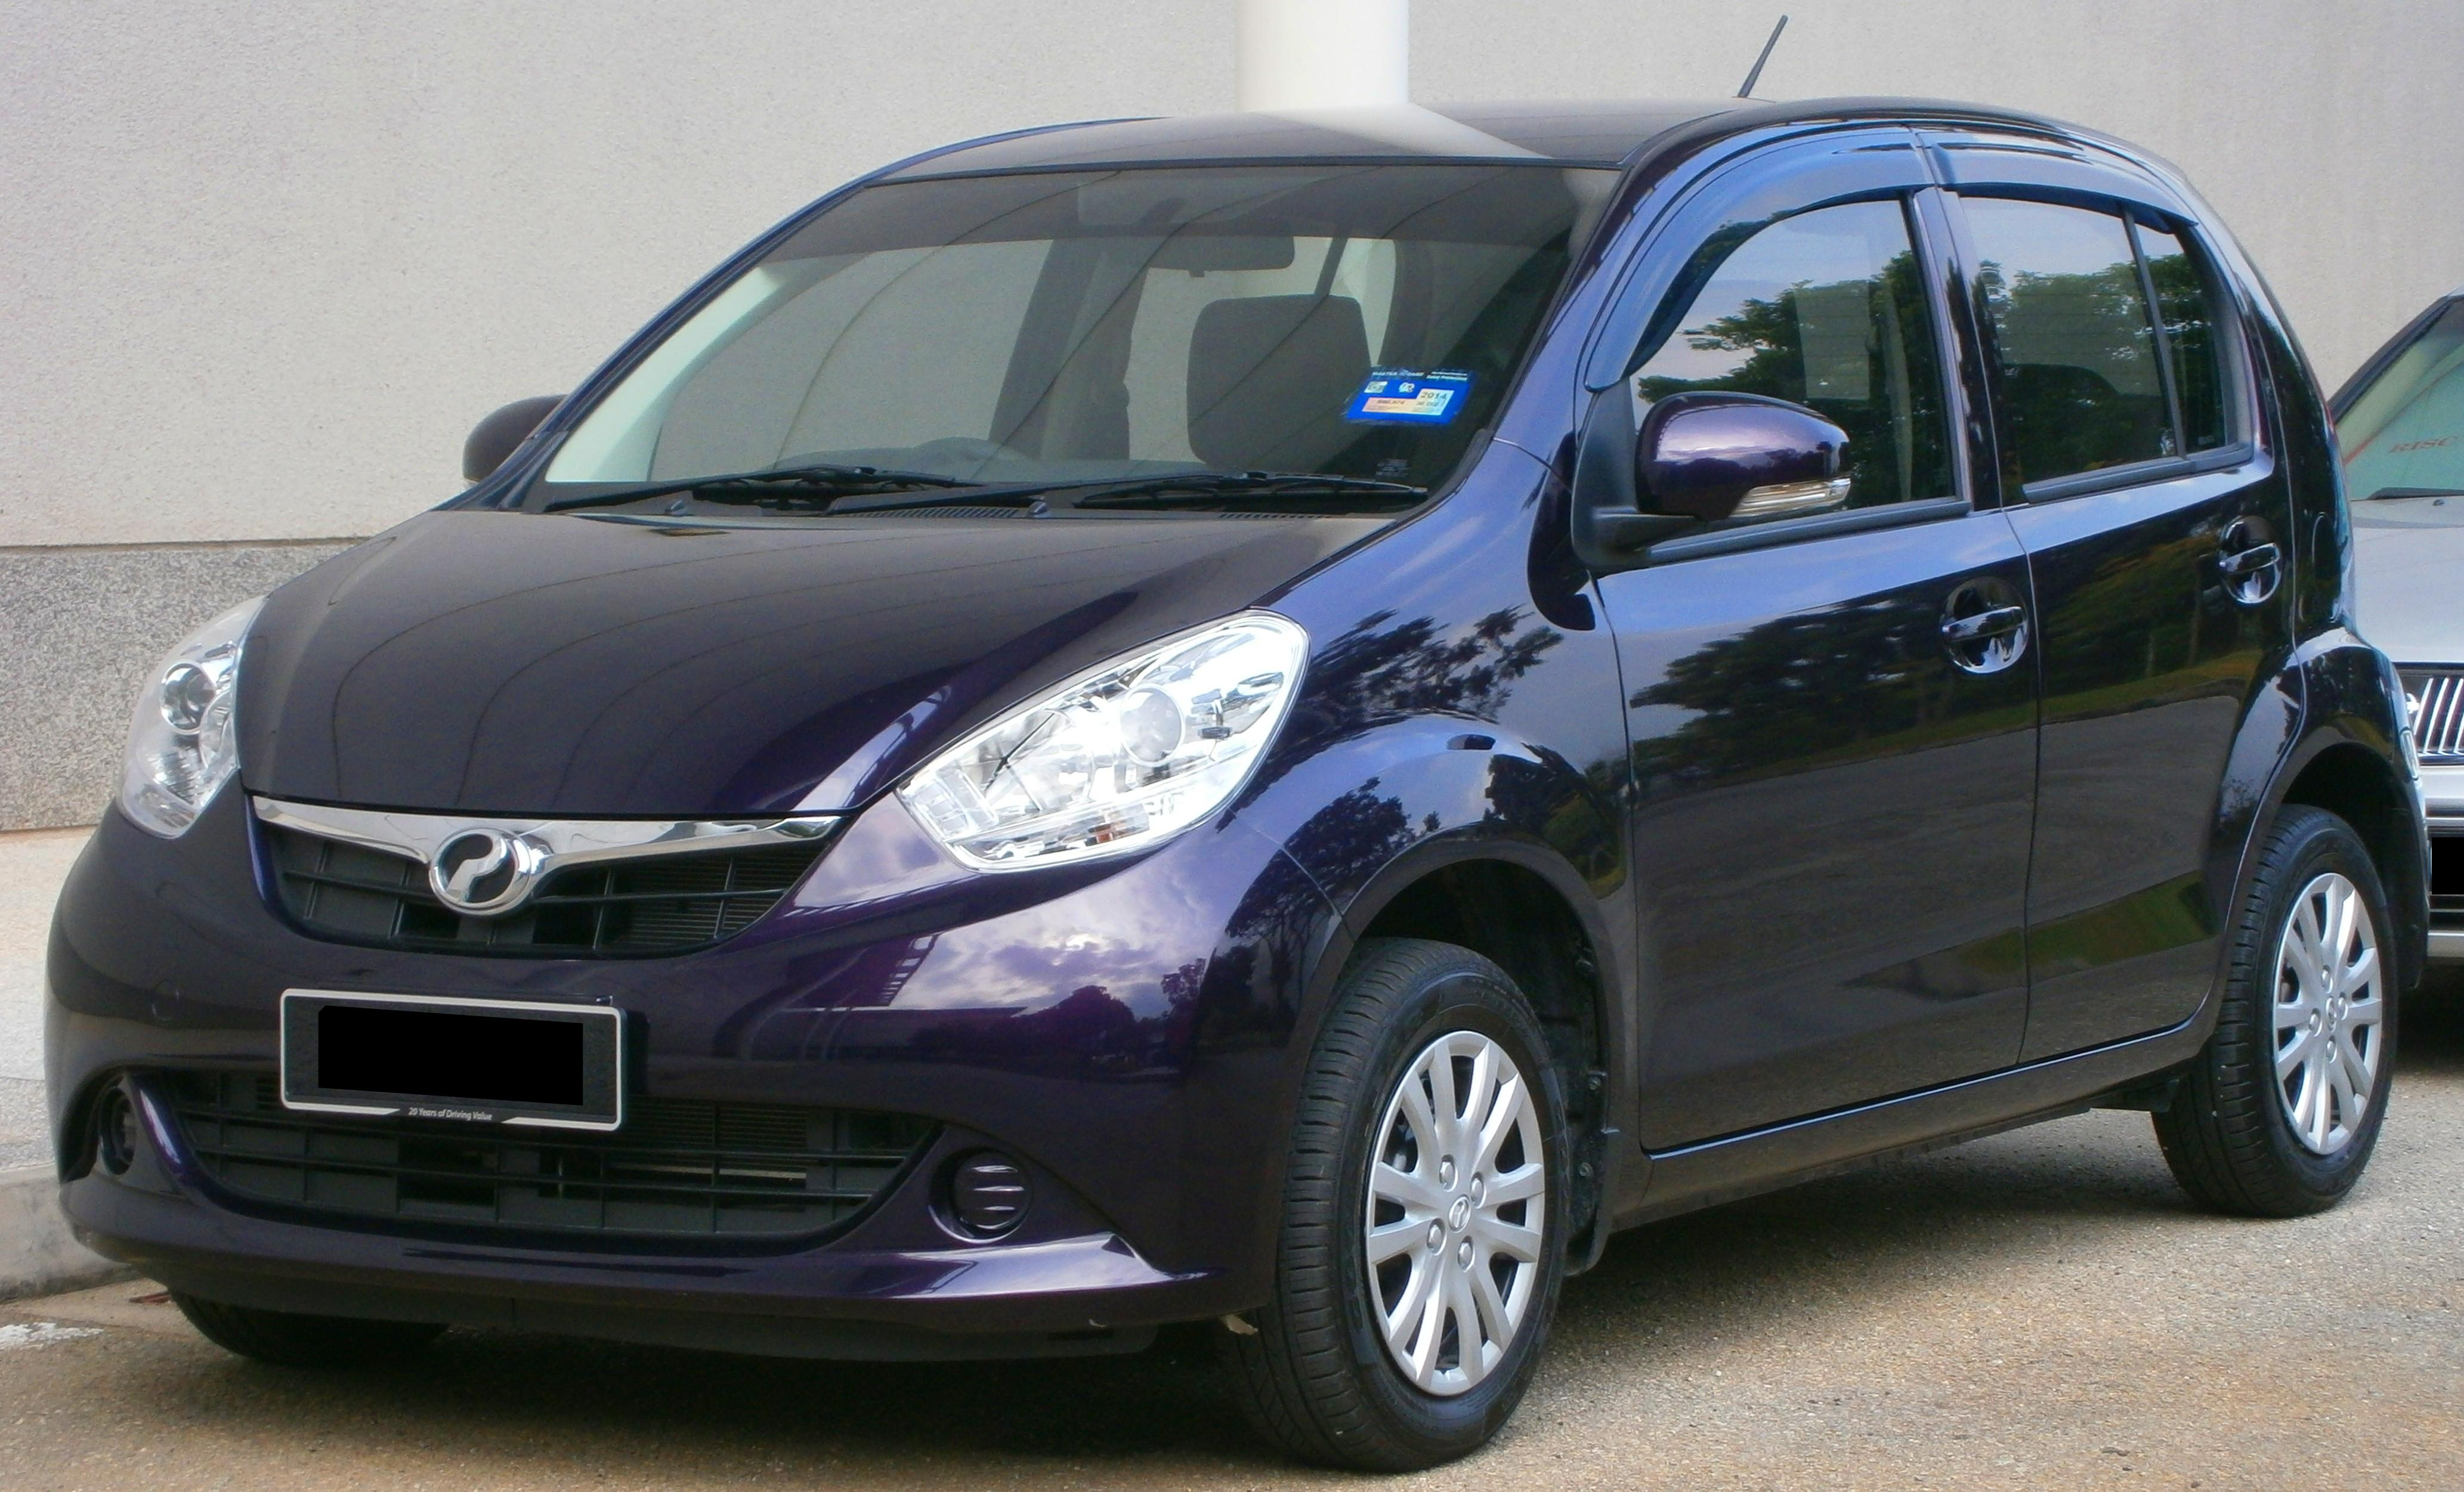 File:2013 Perodua Myvi Standard in Cyberjaya, Malaysia (01 ...